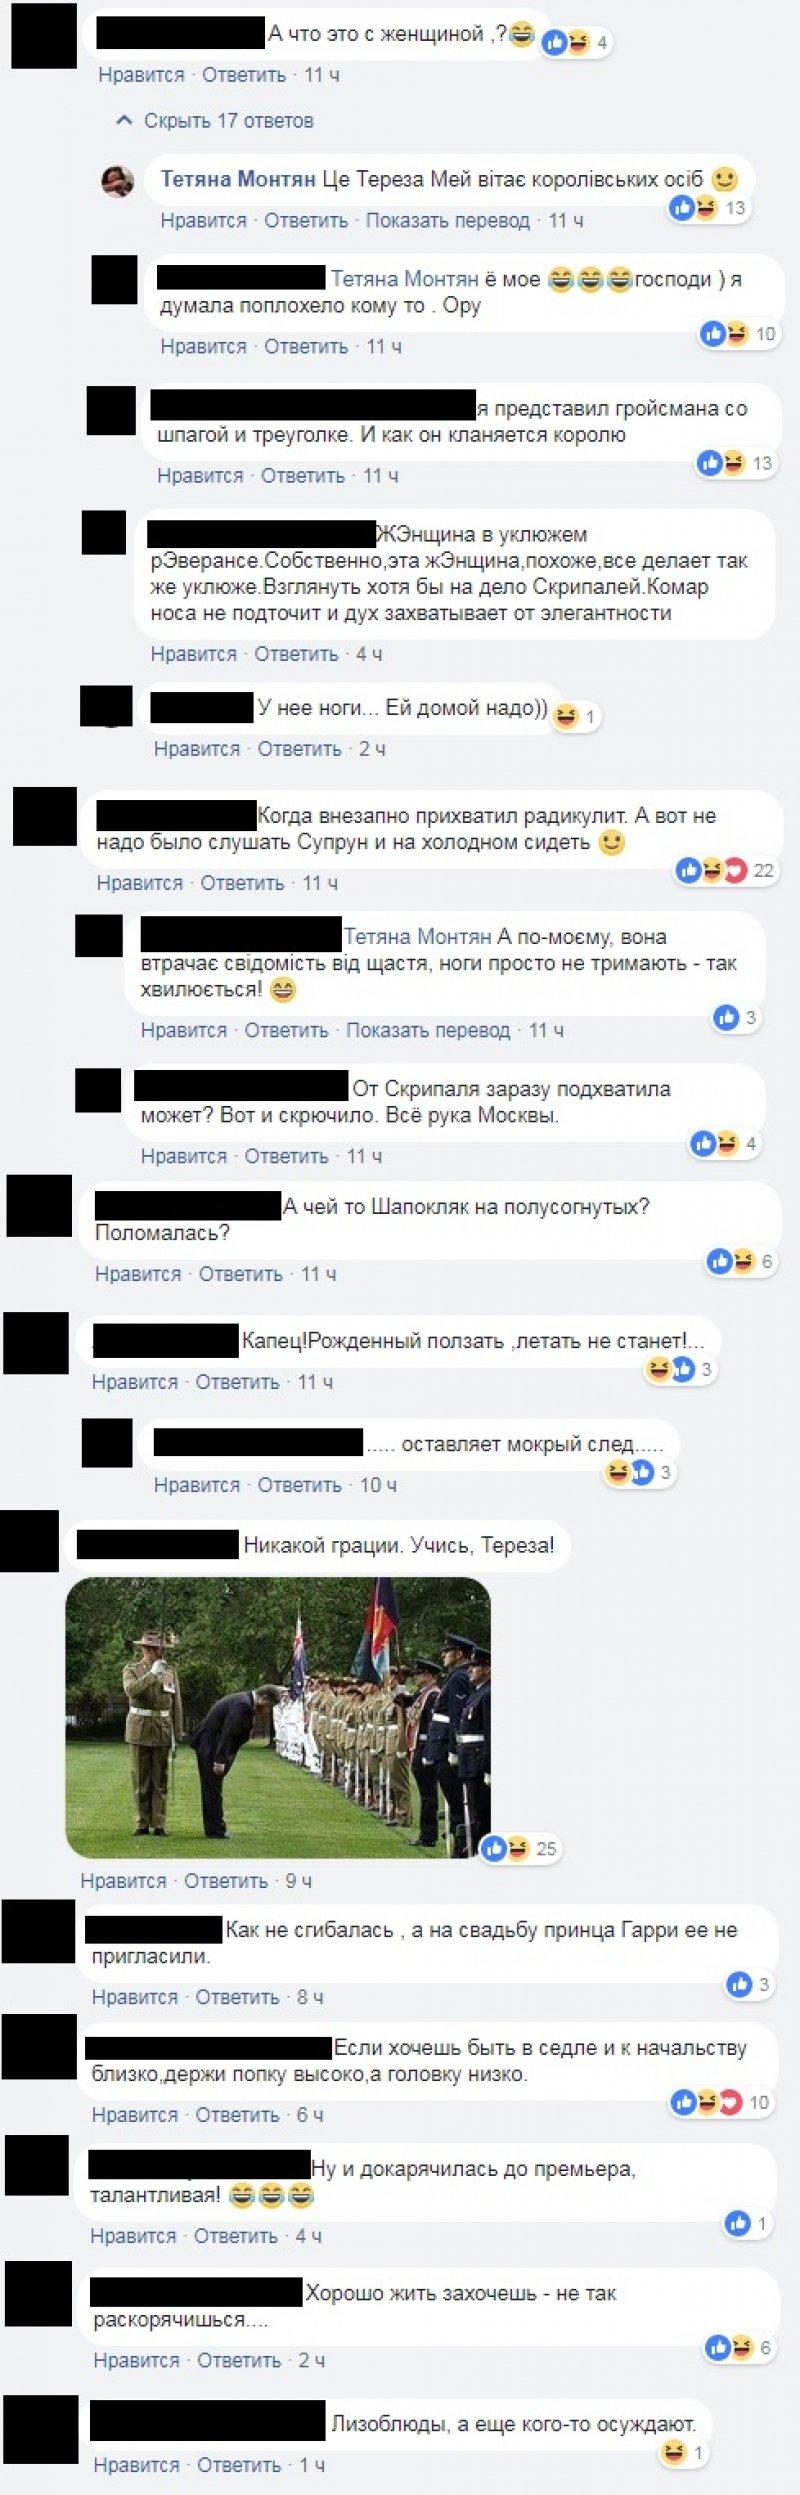 Украинцы высмеяли неуклюжий реверанс Терезы Мэй